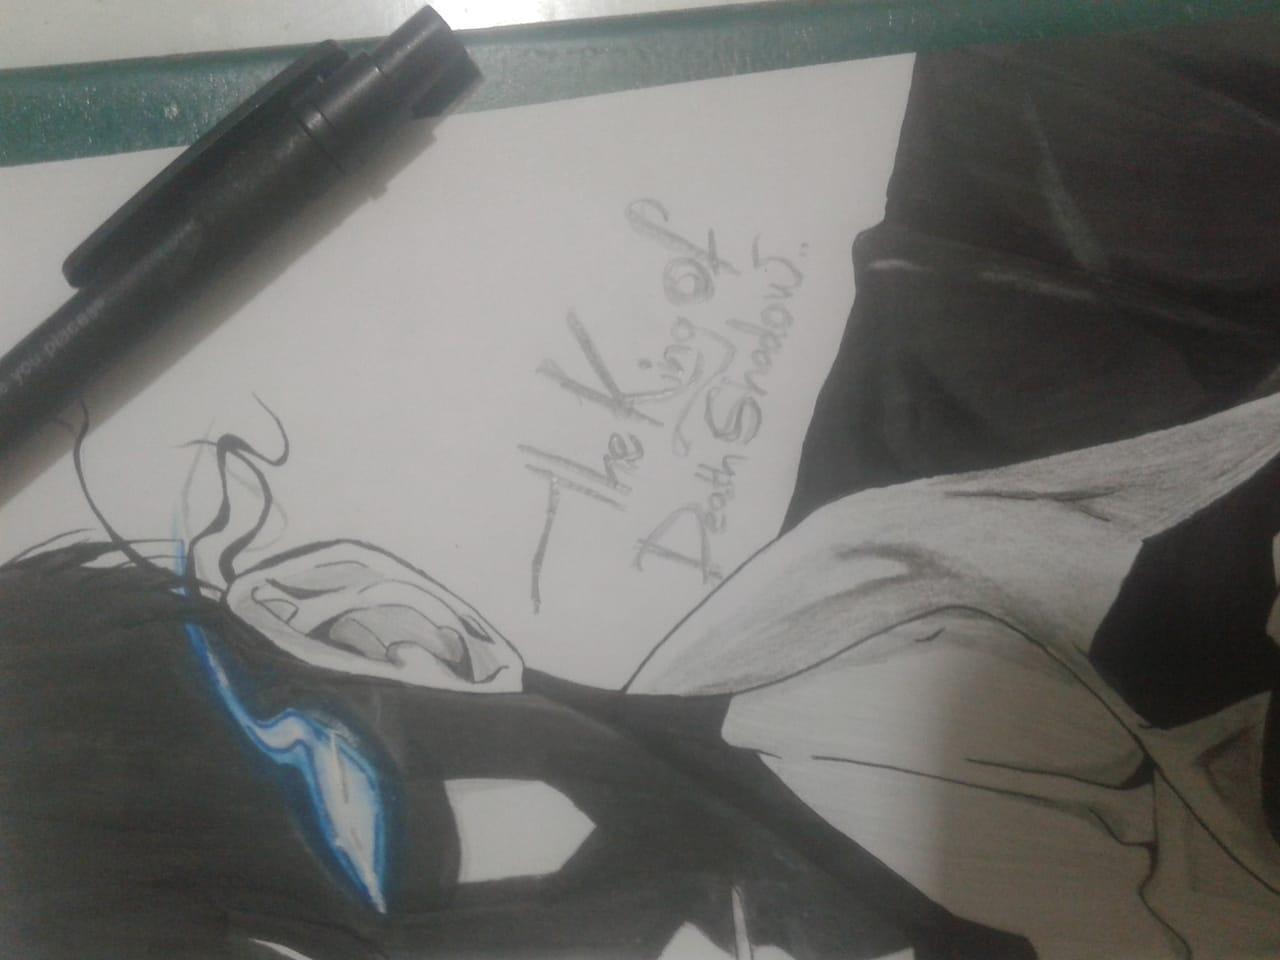 Only i level up (solo levelling ) !! Illust of Ninestar619 AnalogDrawing monochrome anime Soungjinwoo onlyIlevelup detective original TheKingOfDeathShadow Ninestar619